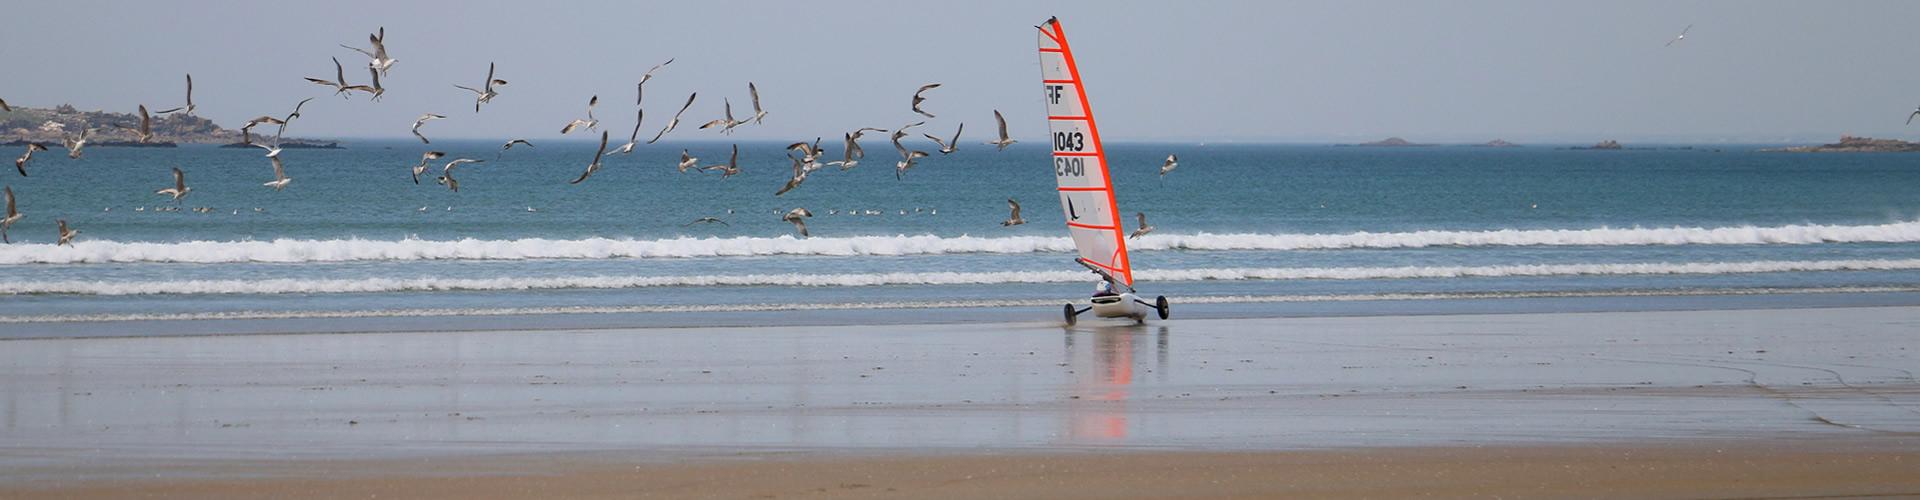 seagull_char_voile_slide_2